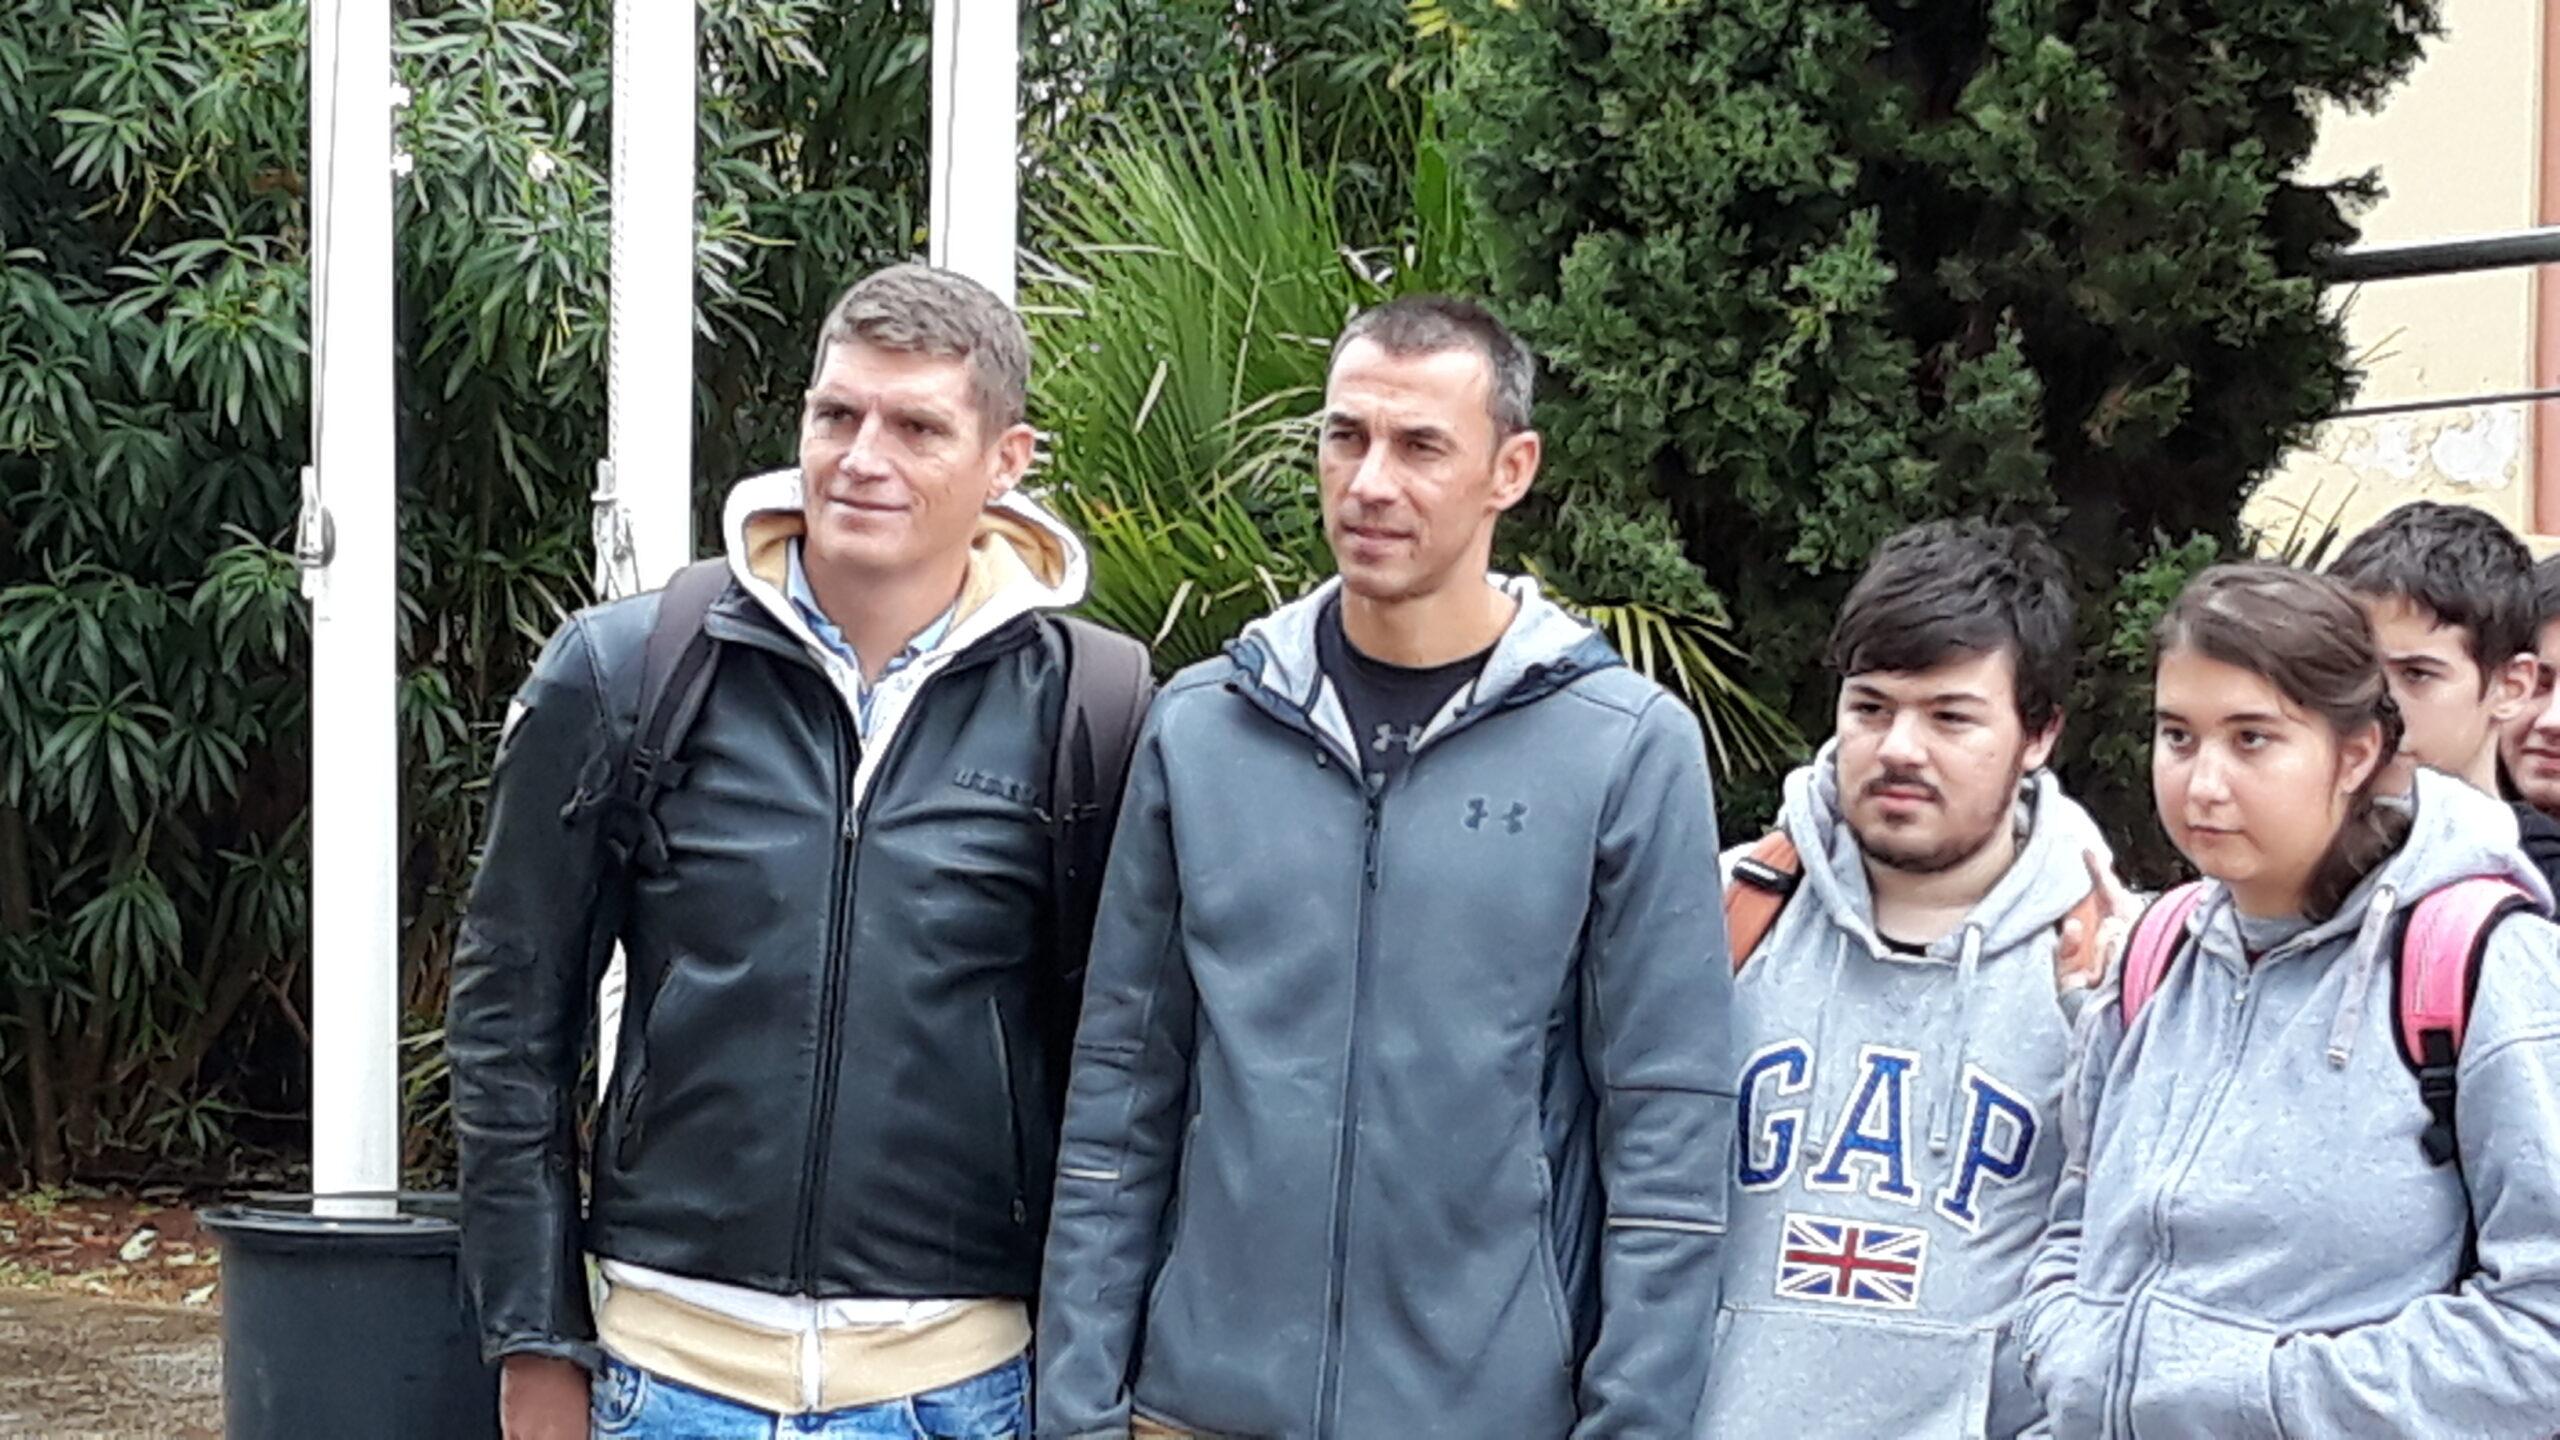 Με τον αργυρό ολυμπιονίκη μας Σπύρο Γιαννιώτη και τον πρωταθλητήμας στον στίβο Περικλή Ιακωβάκη